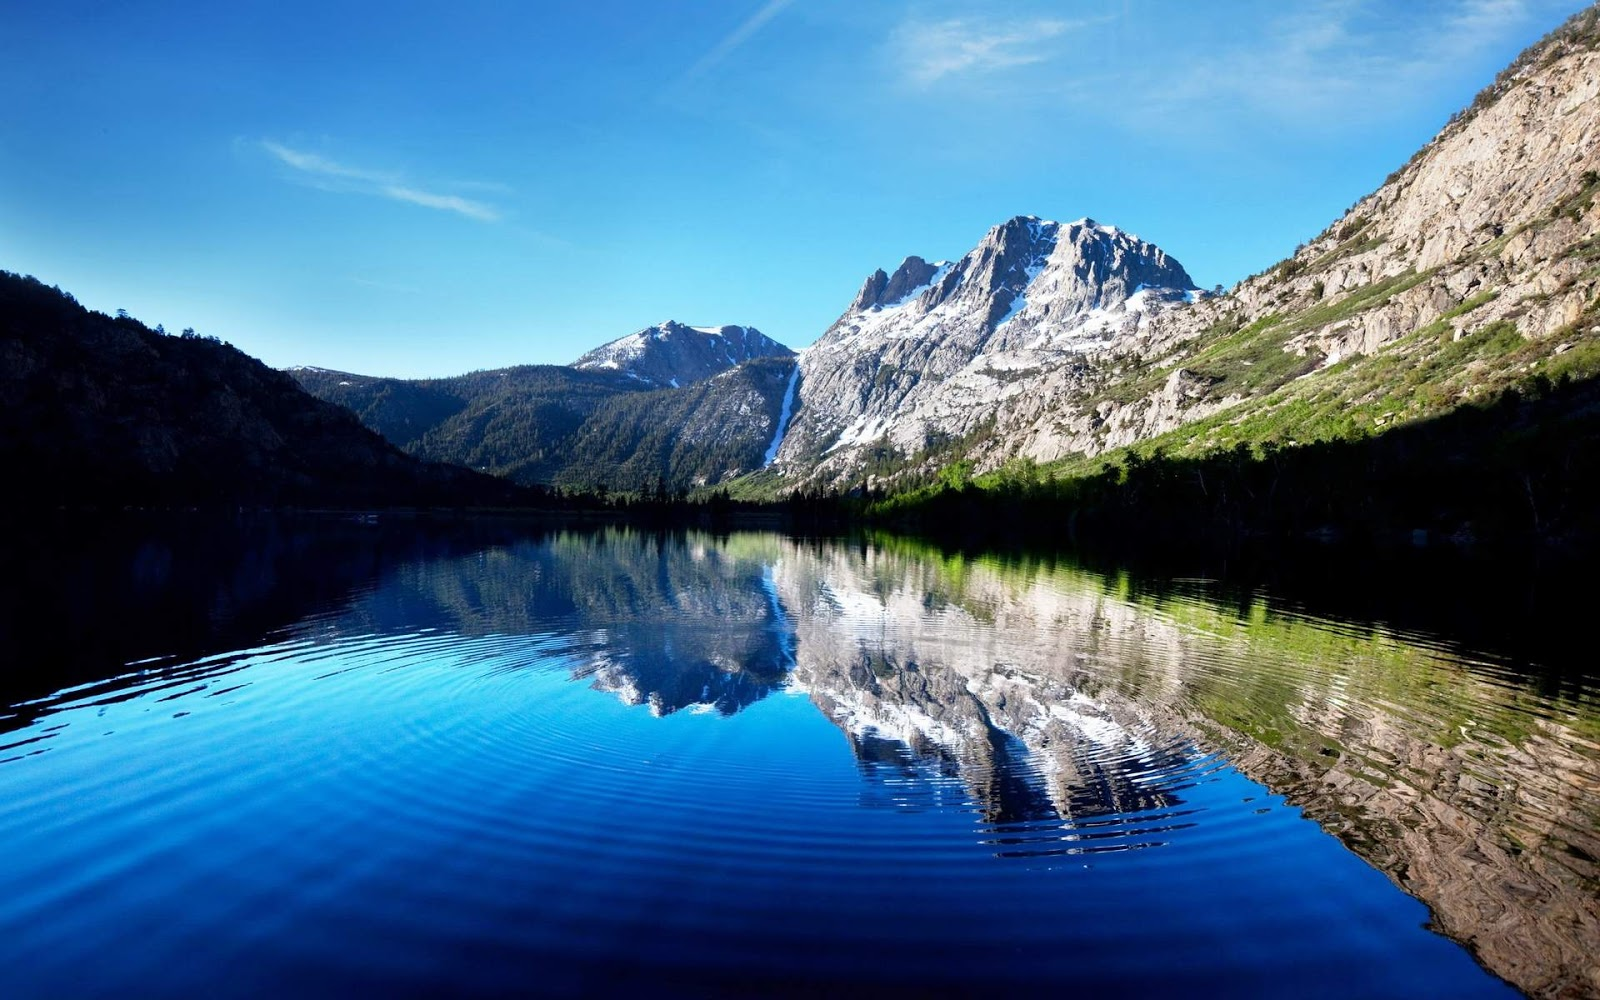 http://2.bp.blogspot.com/-qE7GQQnCLxA/T4BhQ7F79cI/AAAAAAAADUs/1M07A3ynwEo/s1600/Peace_Lake_Wallpaper_1920x1200_wallpaperhere.jpg